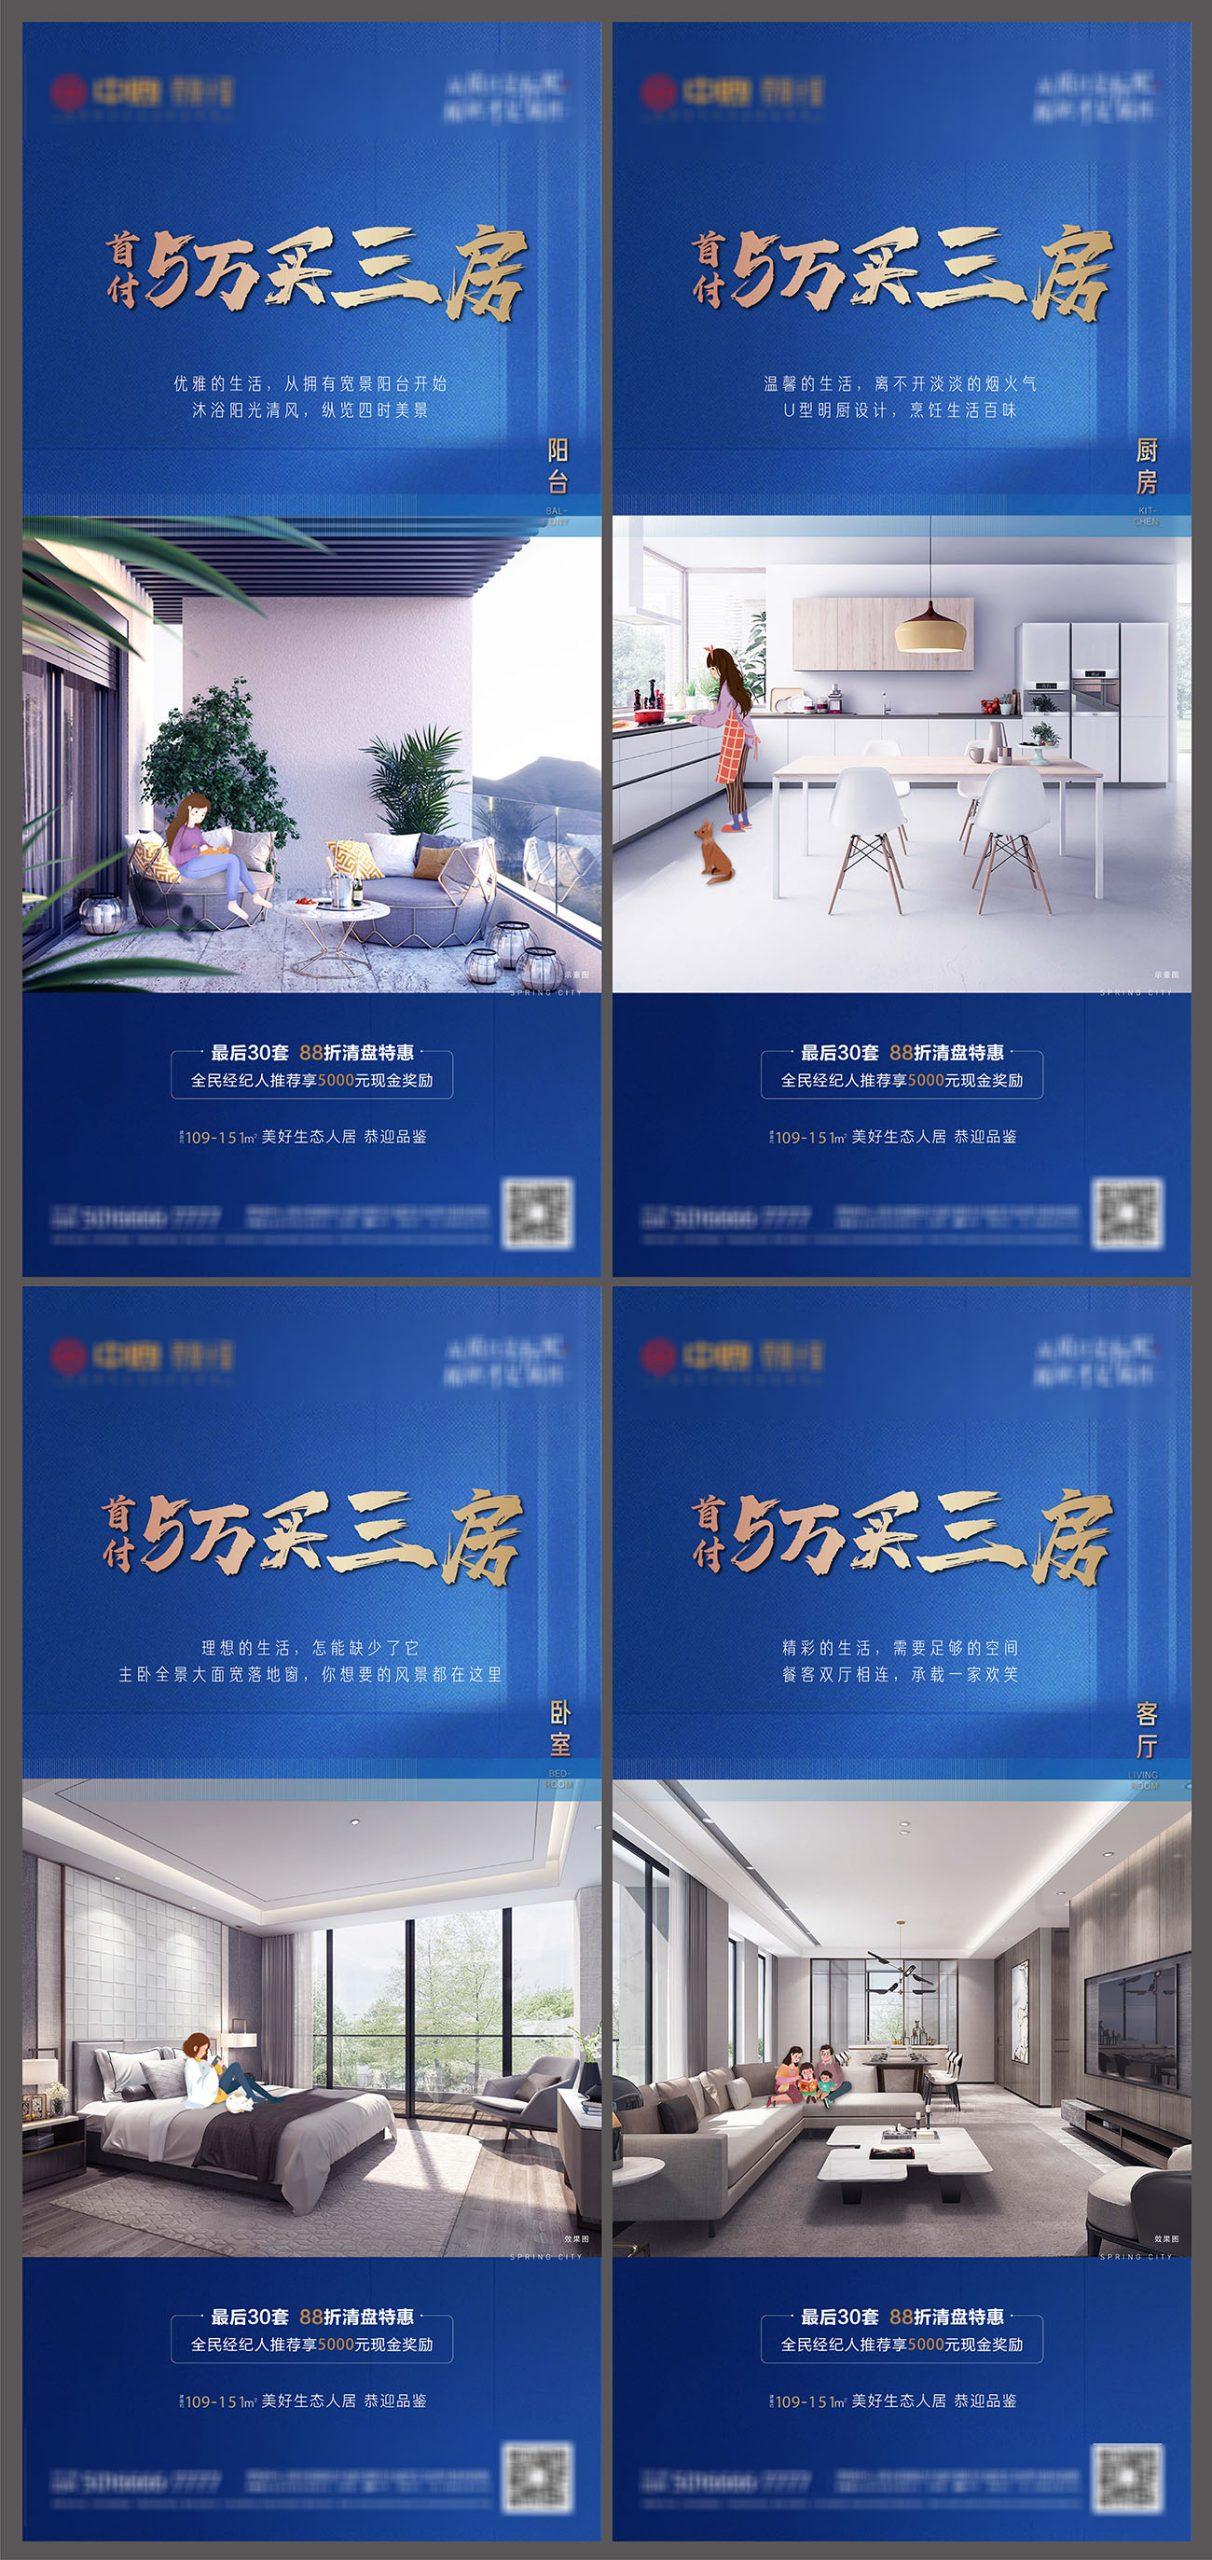 房地产户型价值点蓝金系列海报AI+PSD源文件插图